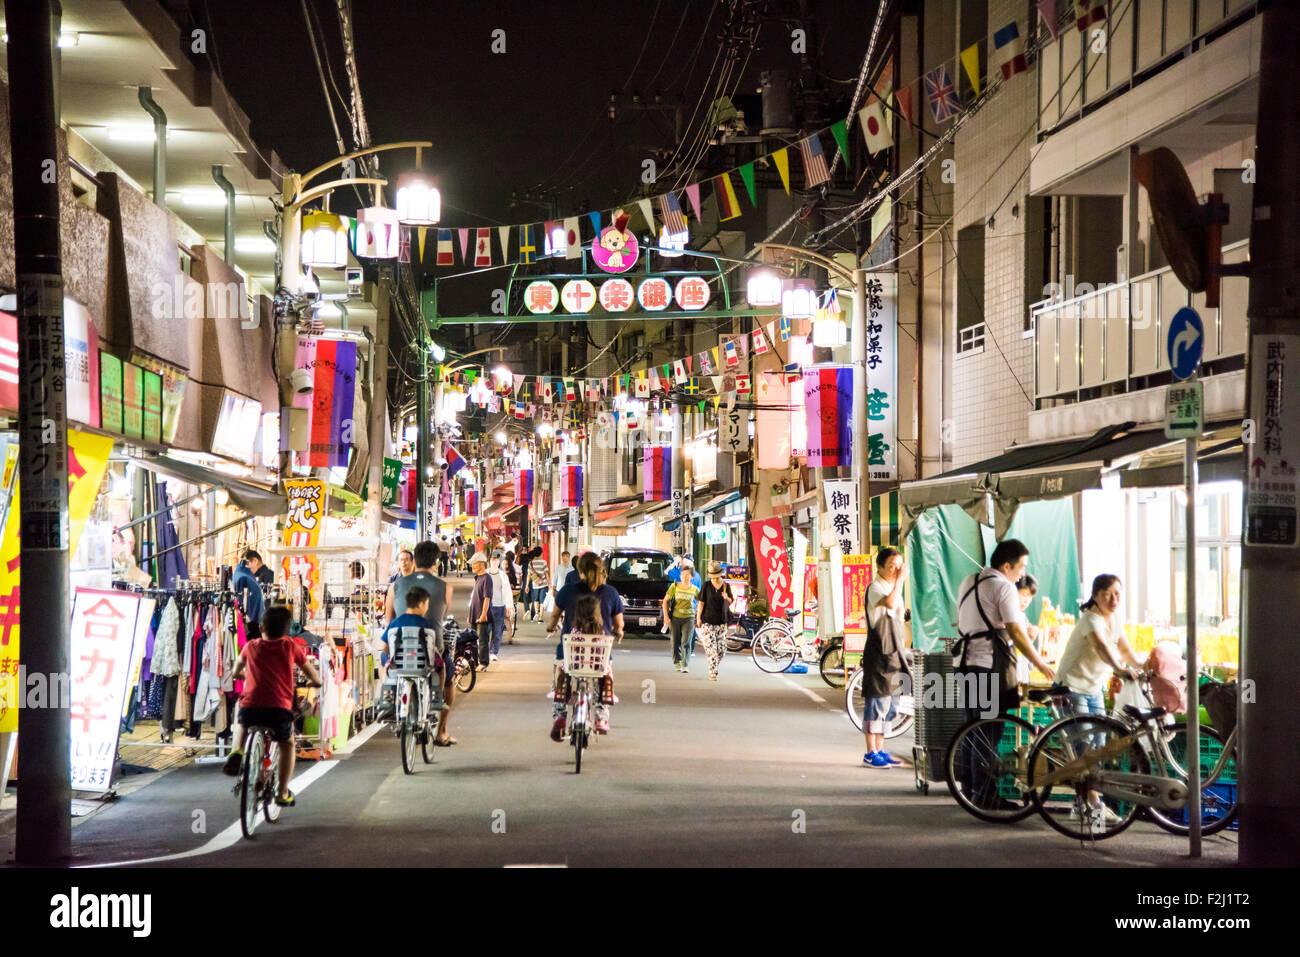 Higashijujo Shopping Street, Kita-Ku, Tokyo, Japan Stockbild